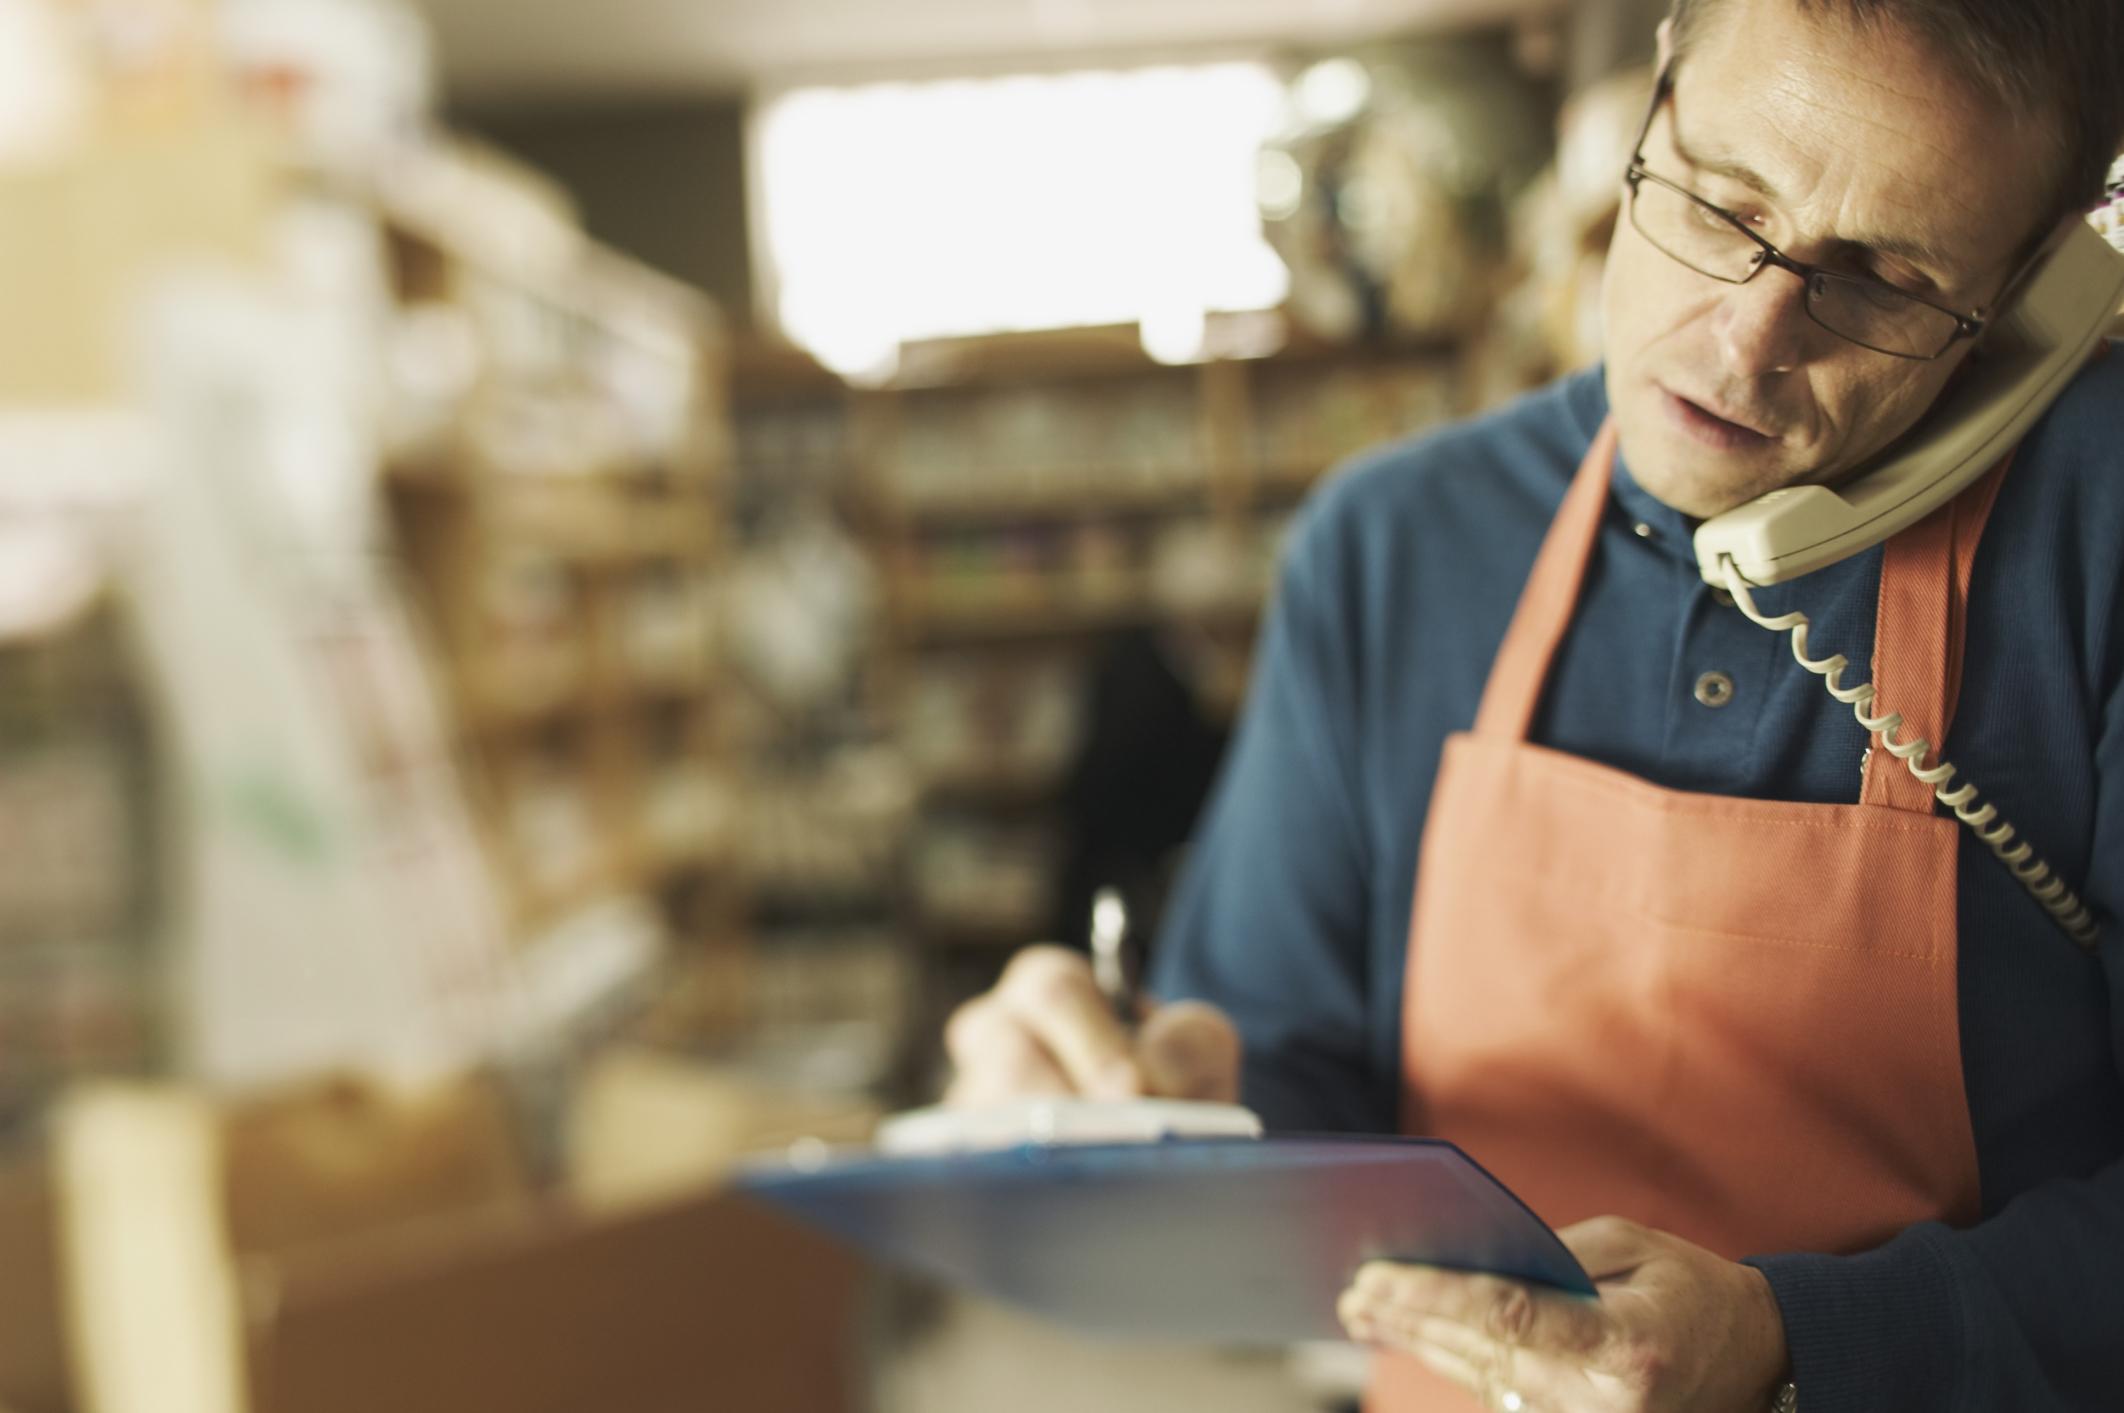 PYME es el acrónimo de pequeña y mediana empresa